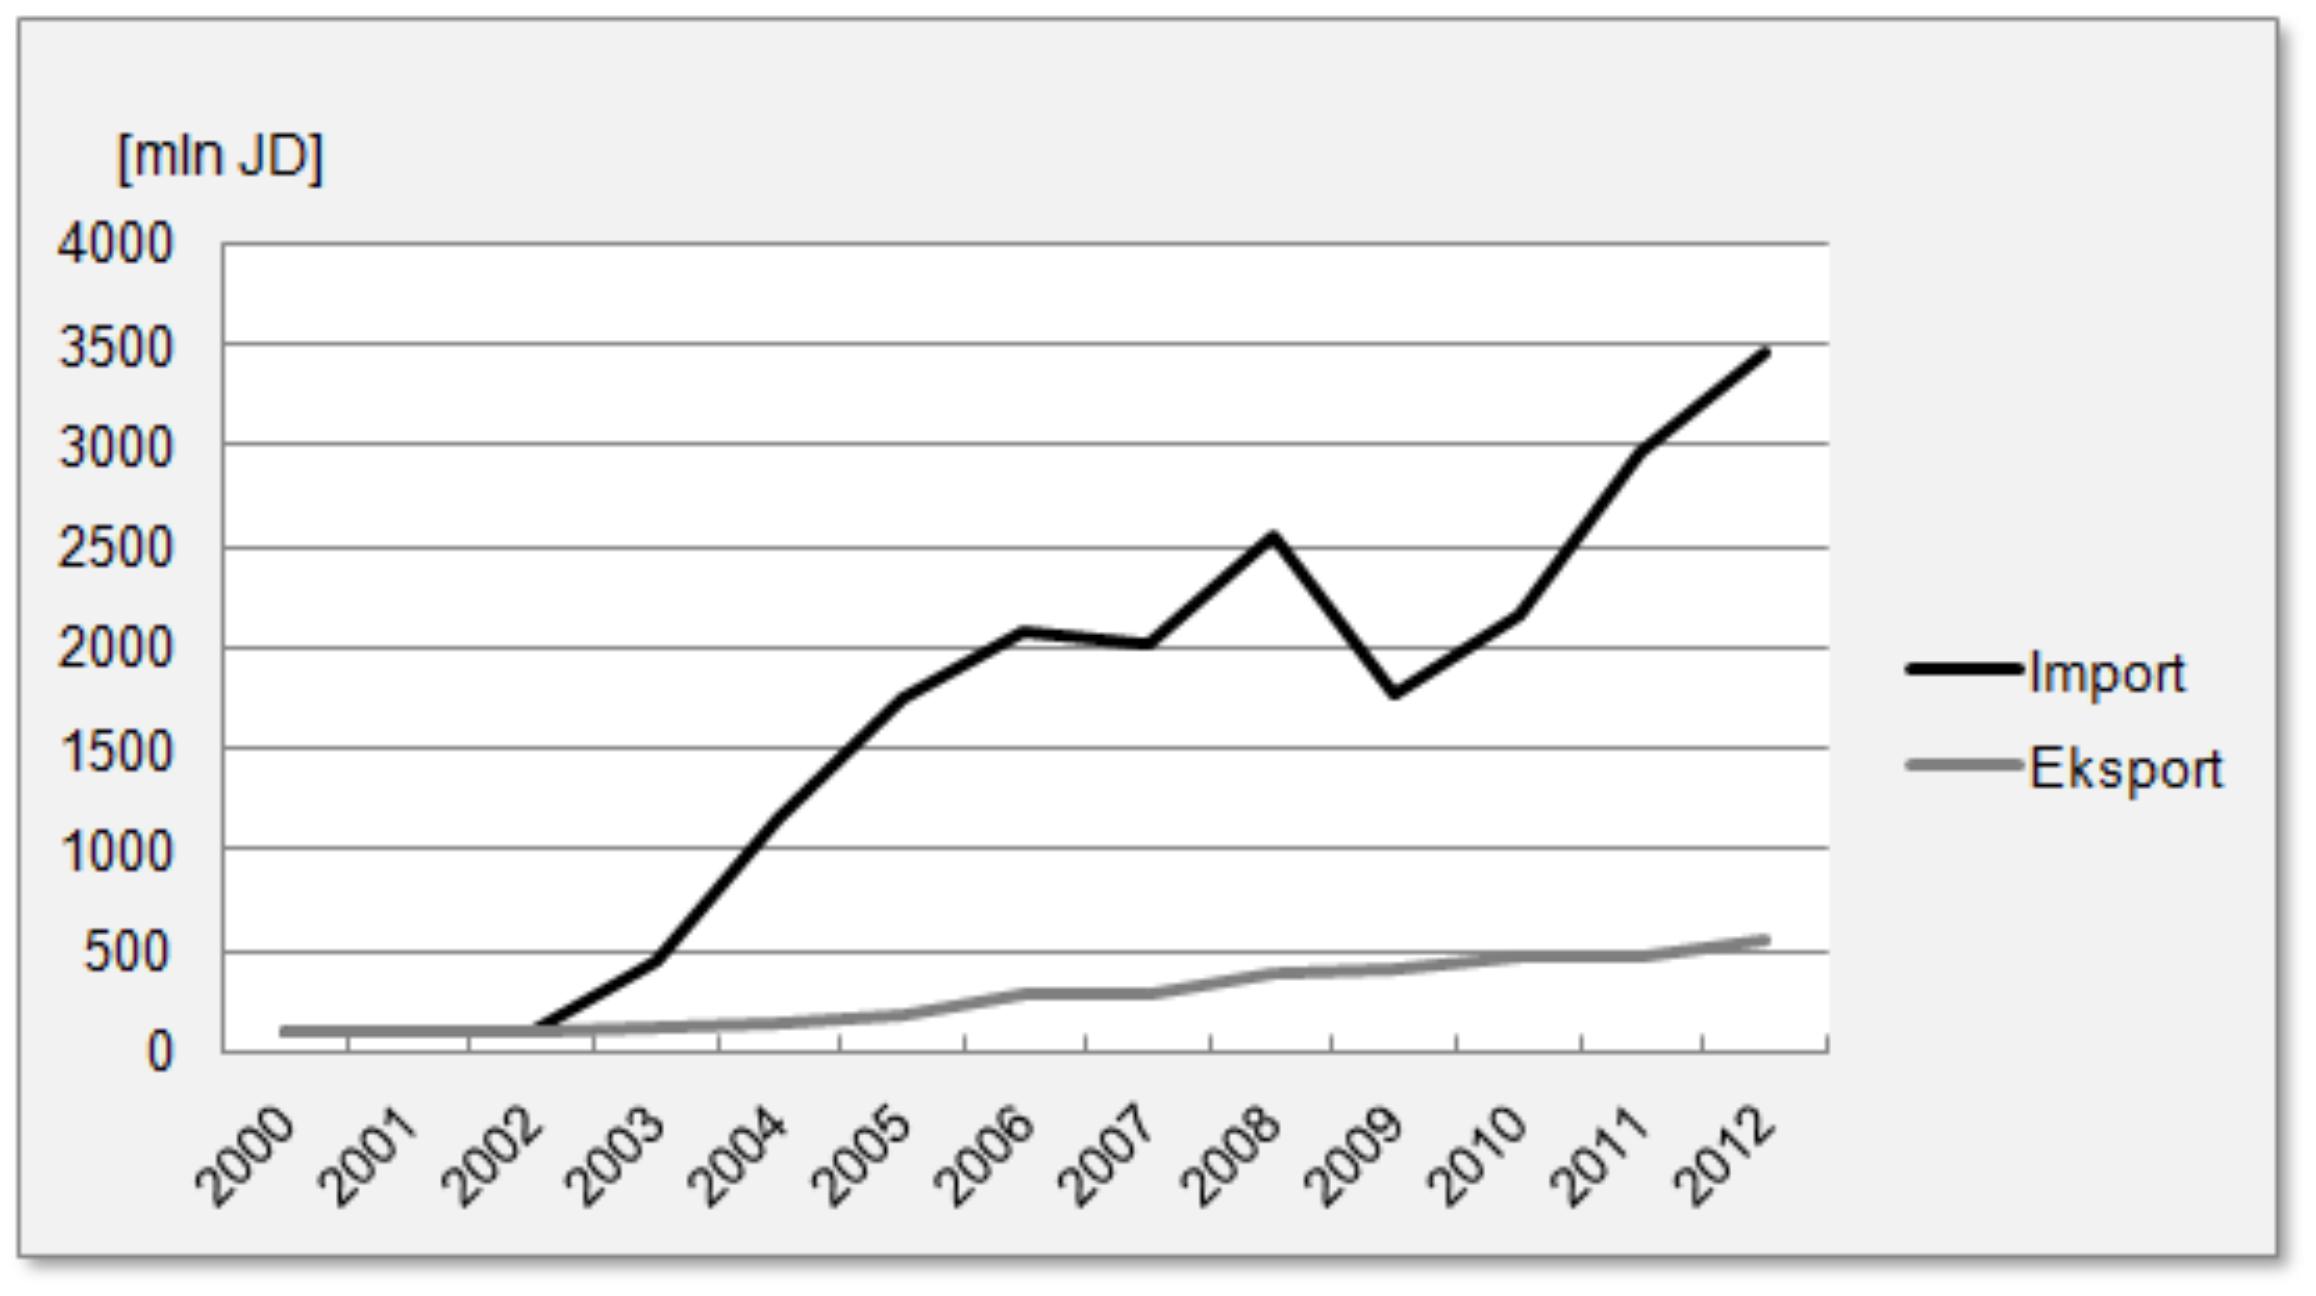 Wartość wymiany handlowej Jordanii z Arabią Saudyjską (2000-2012)